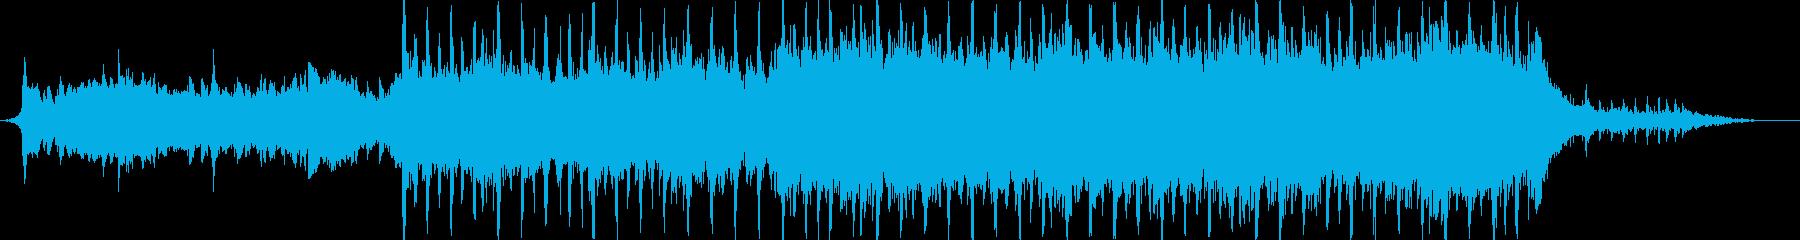 現代の交響曲 感情的 バラード ワ...の再生済みの波形